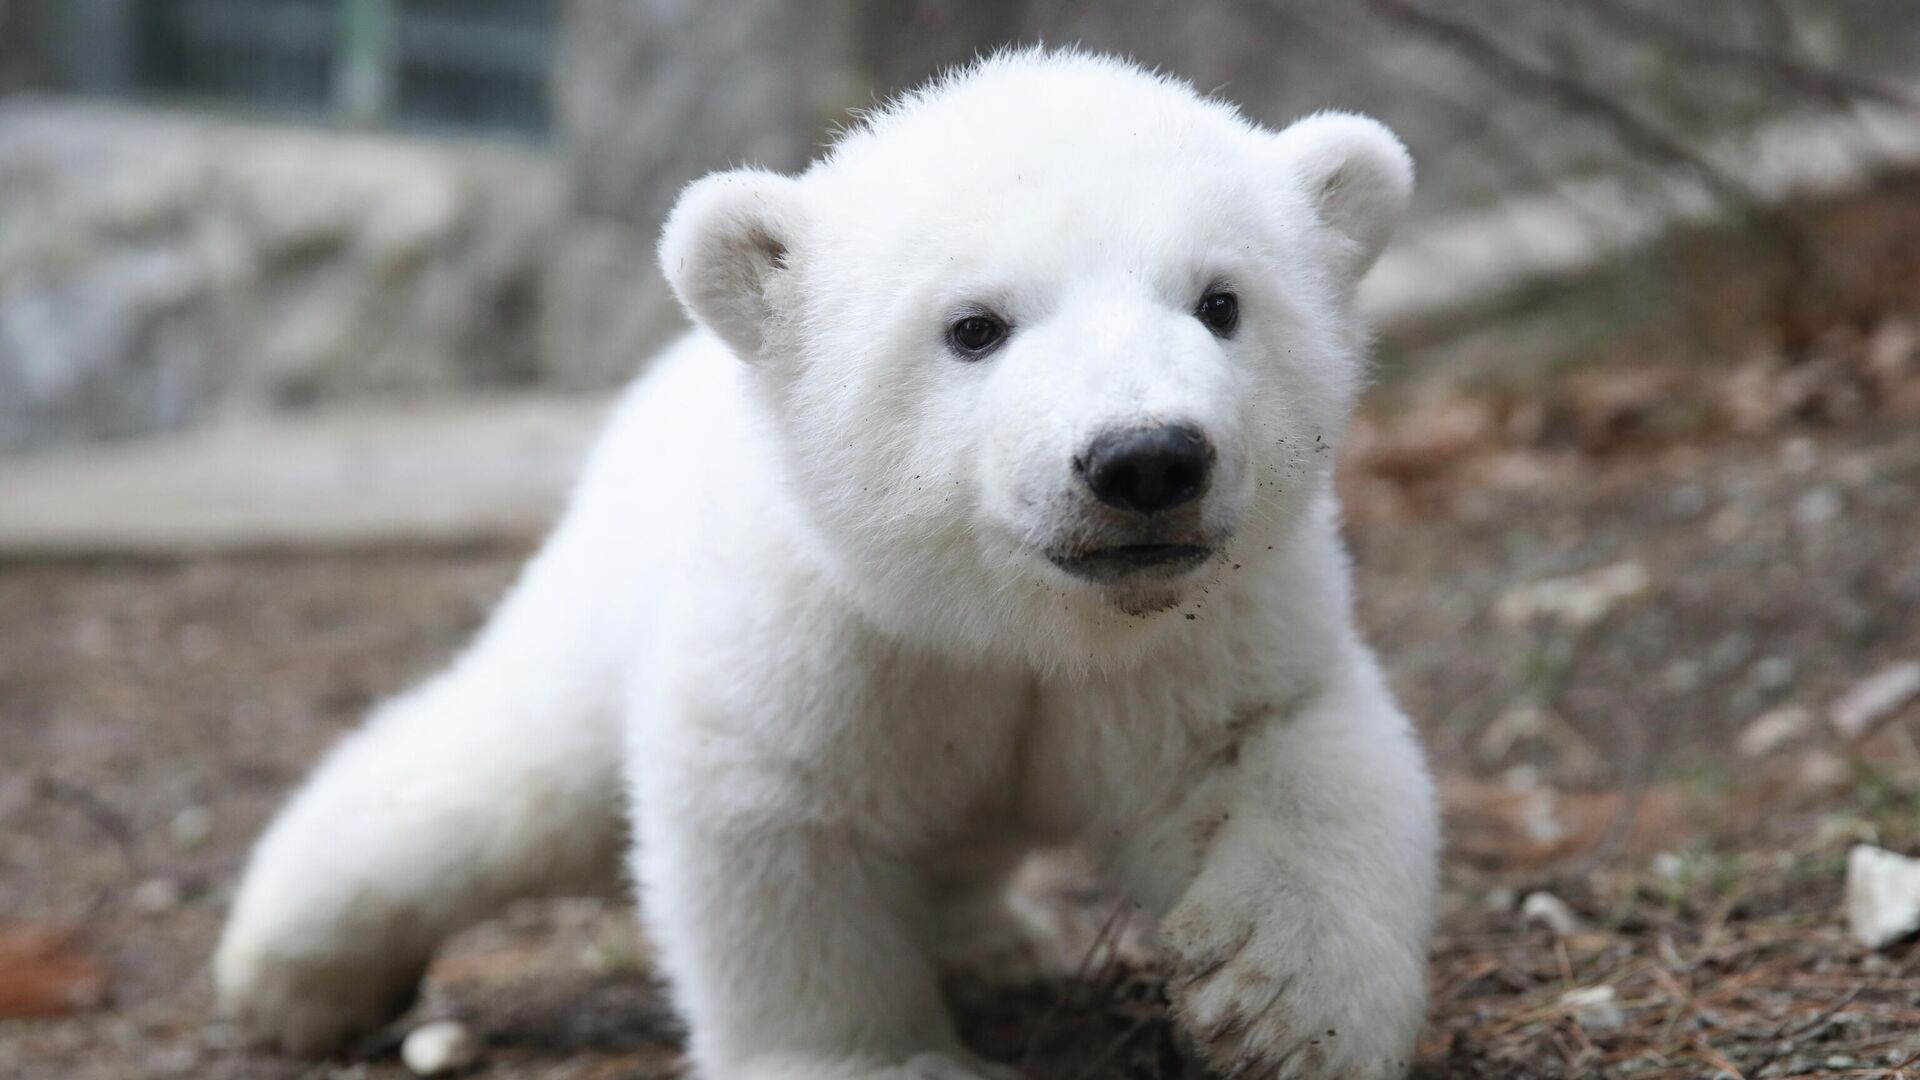 Детеныш белого медведя на прогулке в сафари-парке Геленджика - РИА Новости, 1920, 23.04.2021